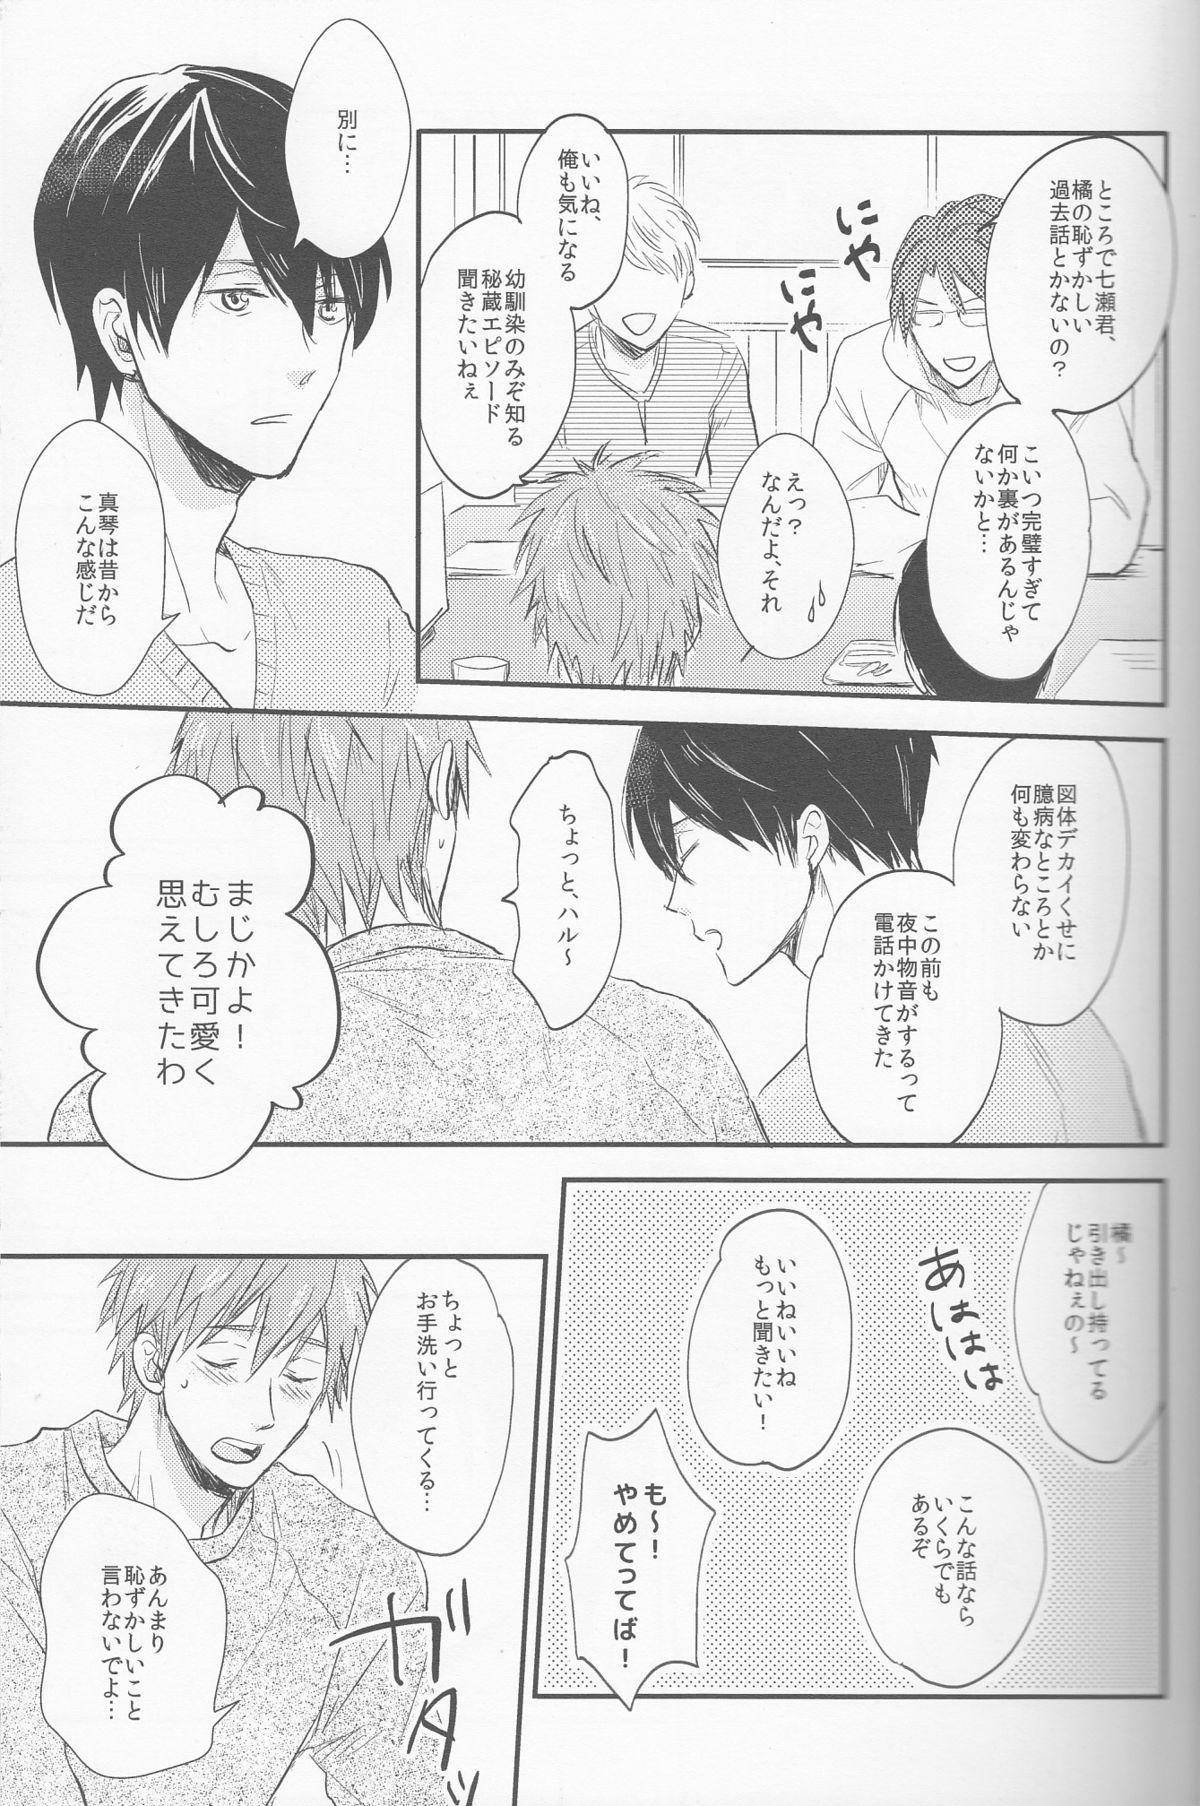 Seinaru Yoru wa Futari de 6